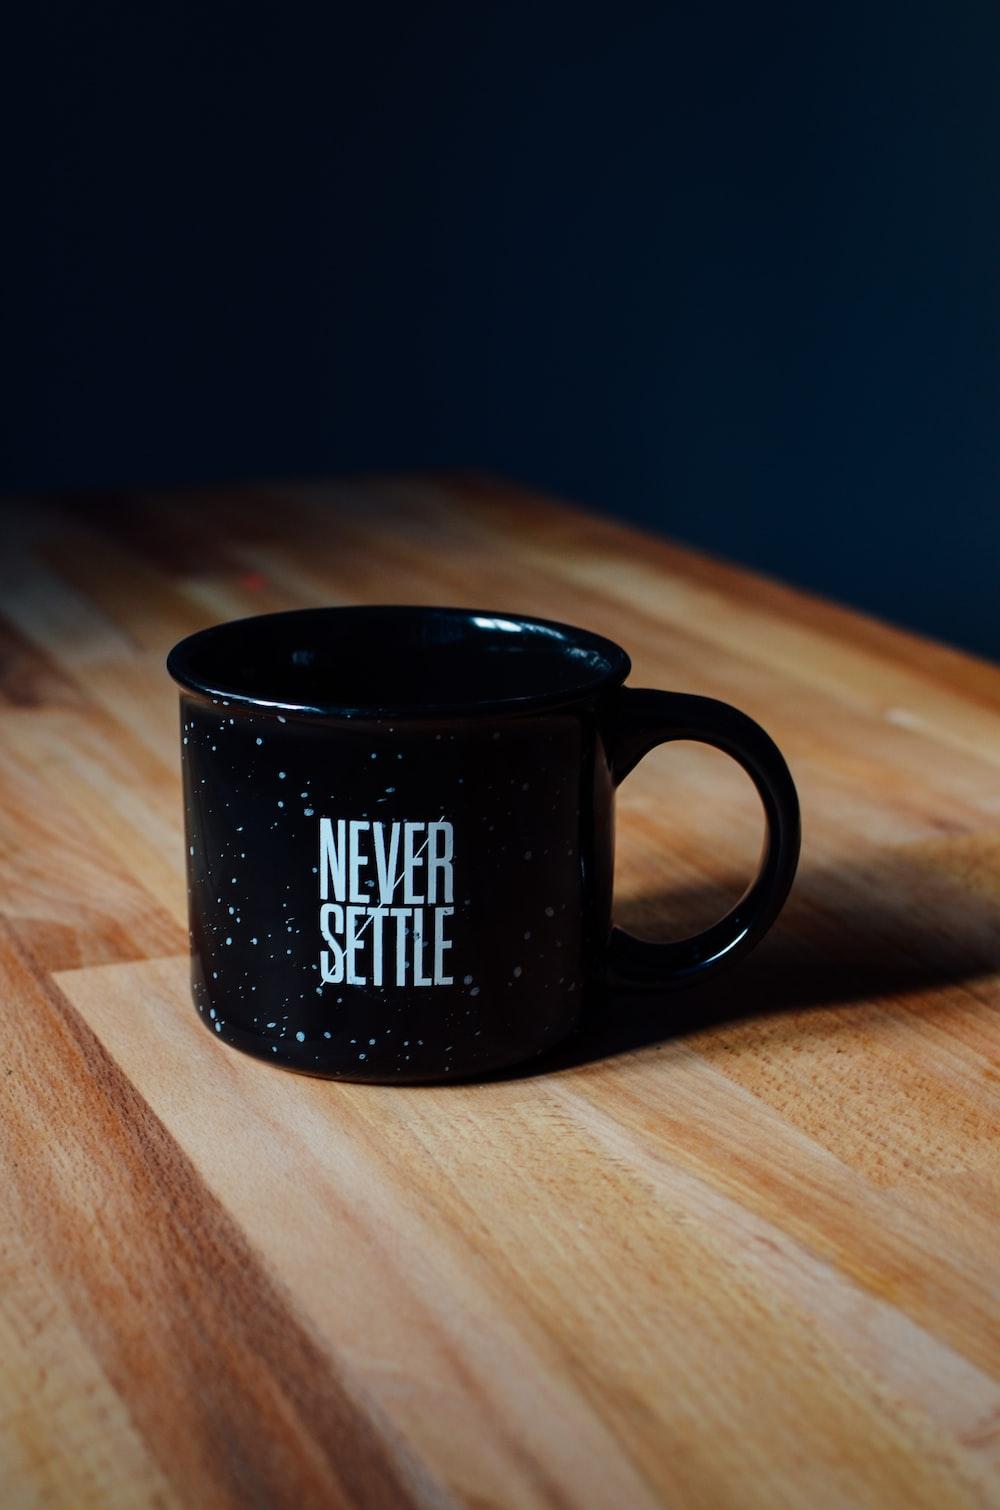 black ceramic mug on table